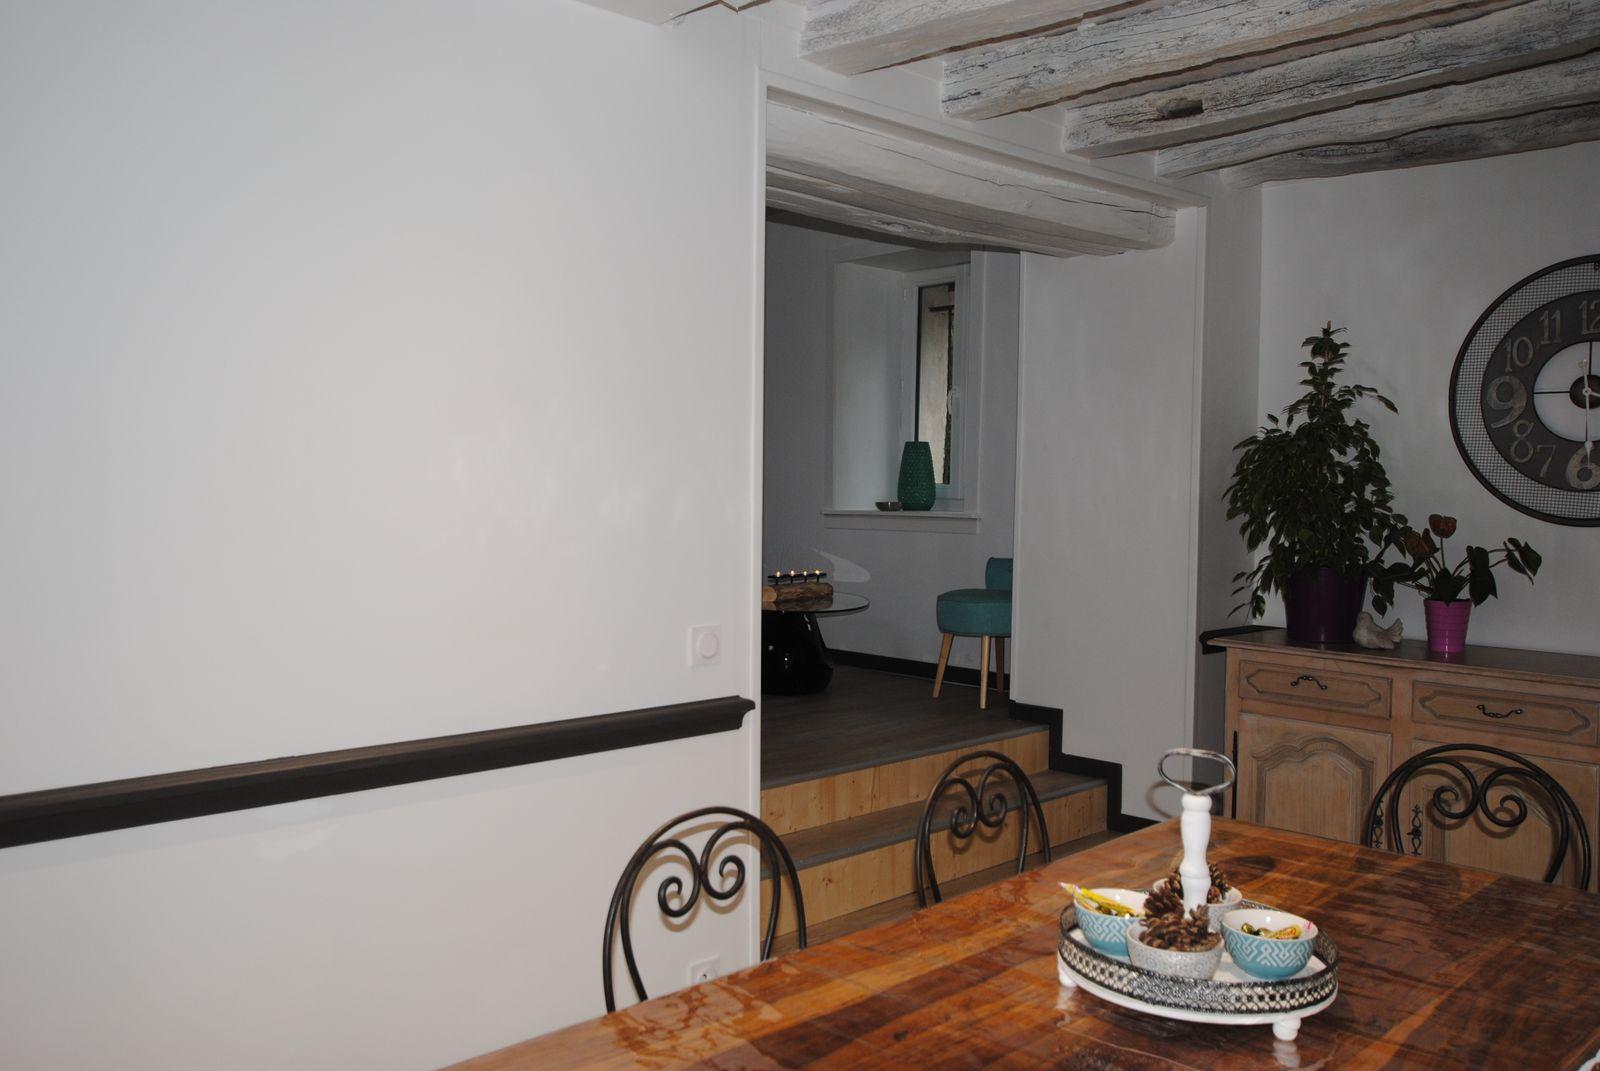 Salle à manger donnant sur le salon 51G482 - La Courvilloise - Courville - Gîtes de France Marne